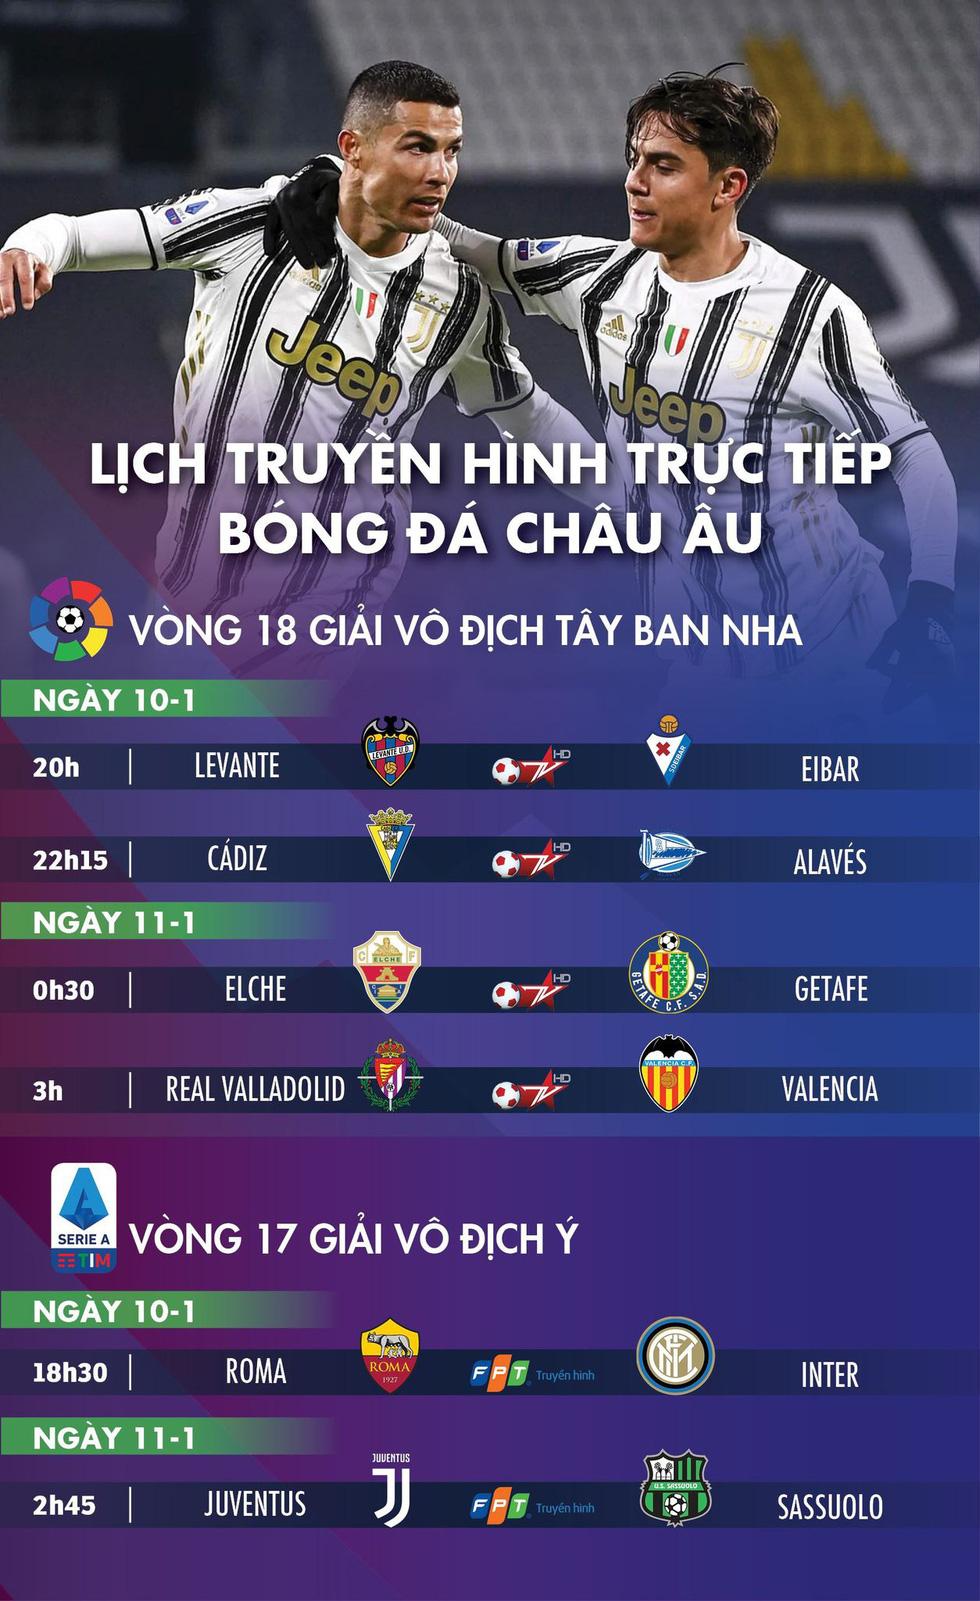 Lịch trực tiếp bóng đá châu Âu 10-1: Tâm điểm Juventus - Ảnh 1.